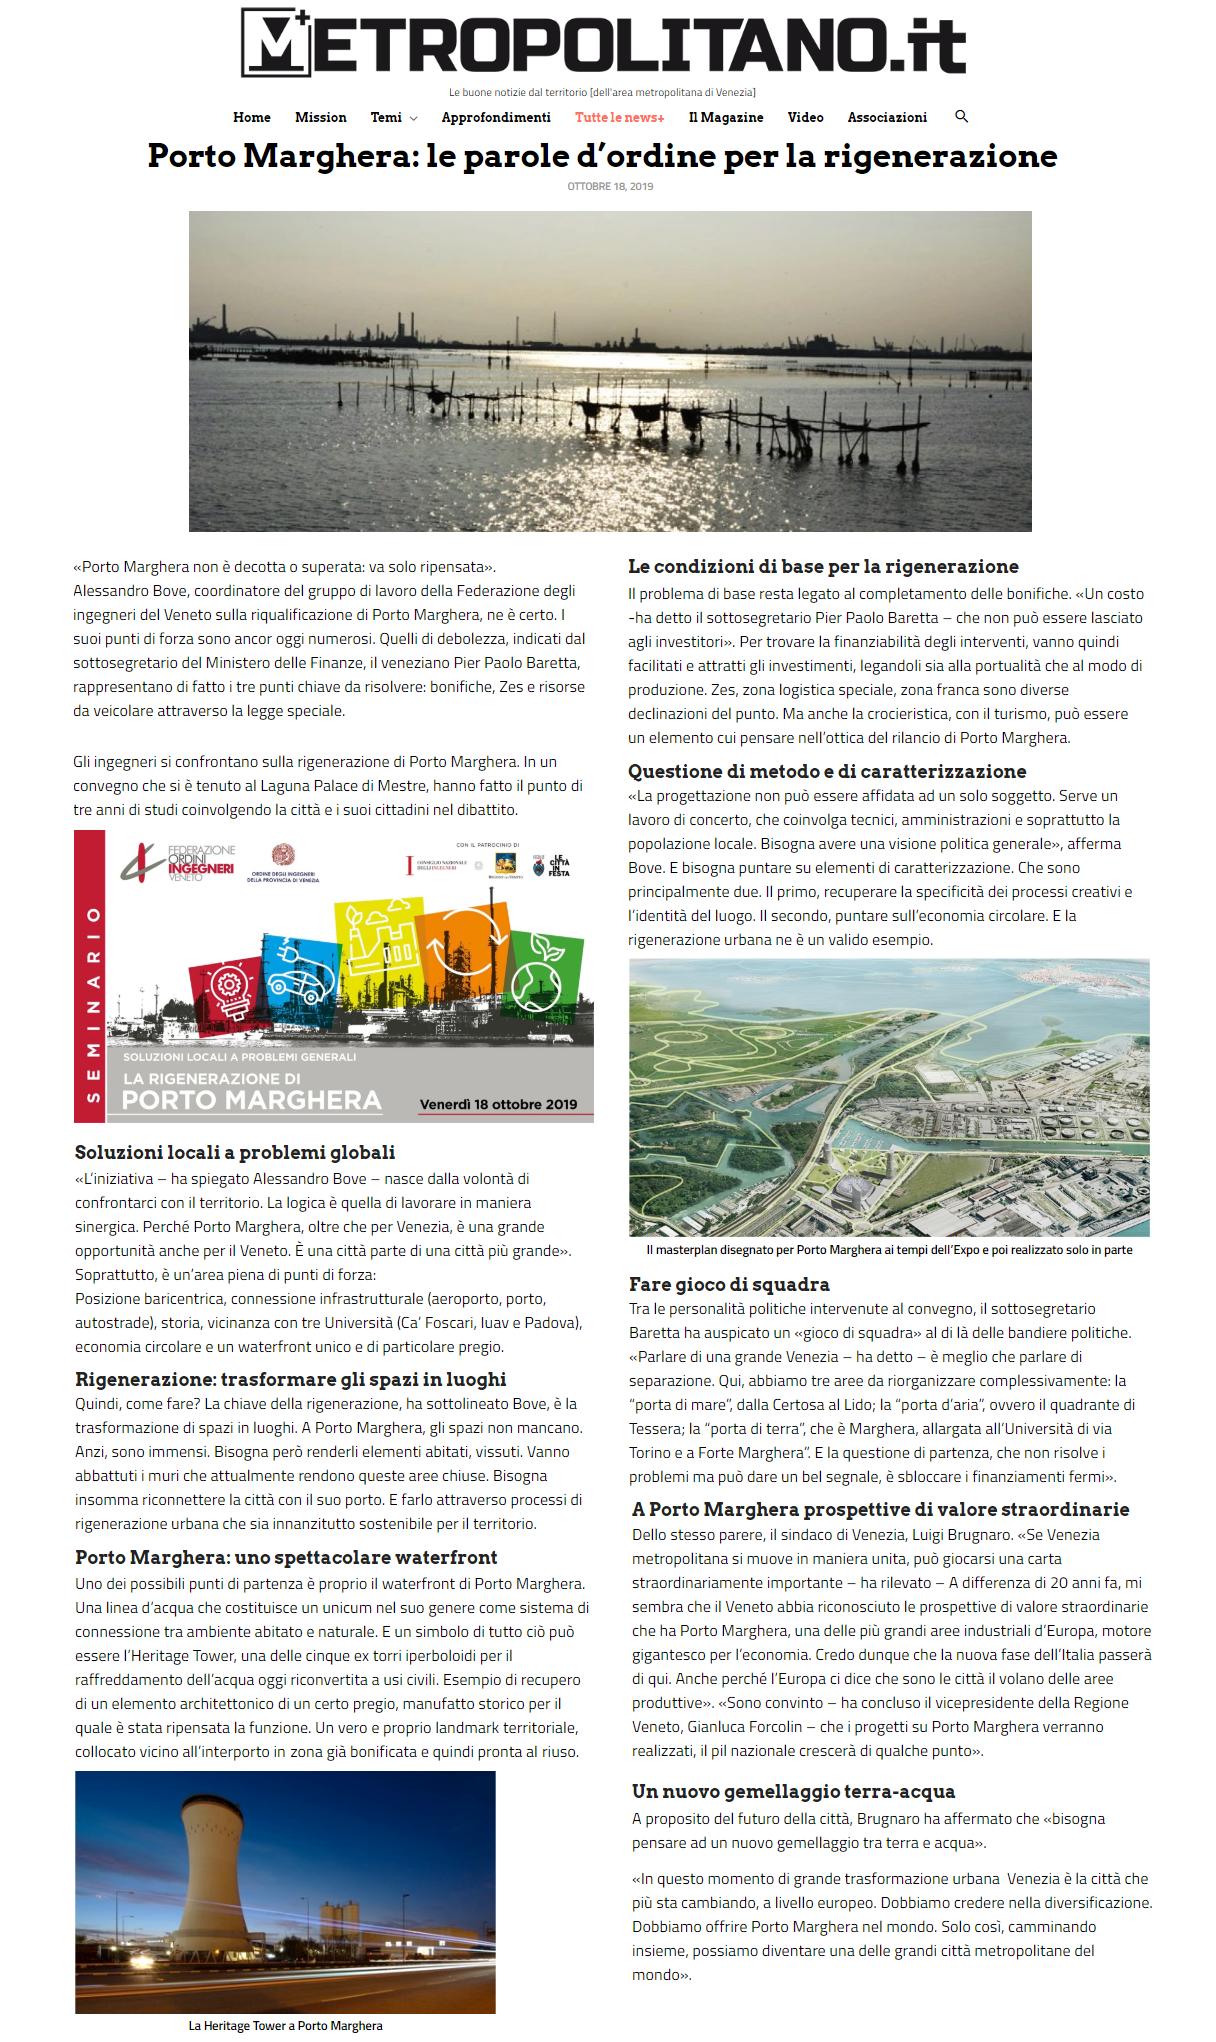 03 18.10.2019 METROPOLITANO.it - Convegno rigenerazione Porto Marghera - Ordine Ingegneri Venezia FOIV.png